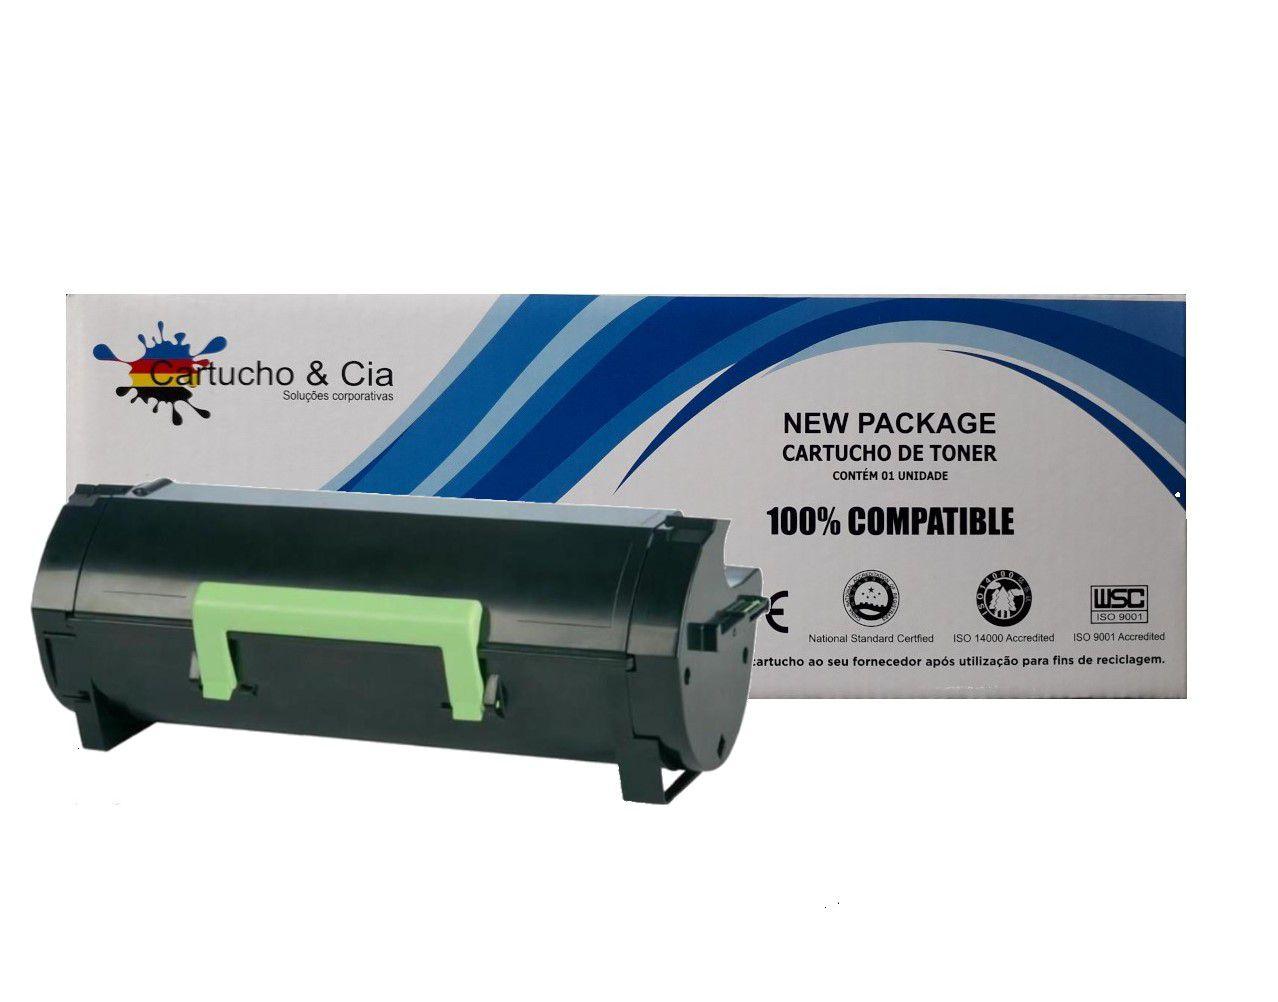 Toner compatível com Lexmark [51B4000] MX317 MX417 MX517 MX617 8.500 Páginas - Cartucho & Cia